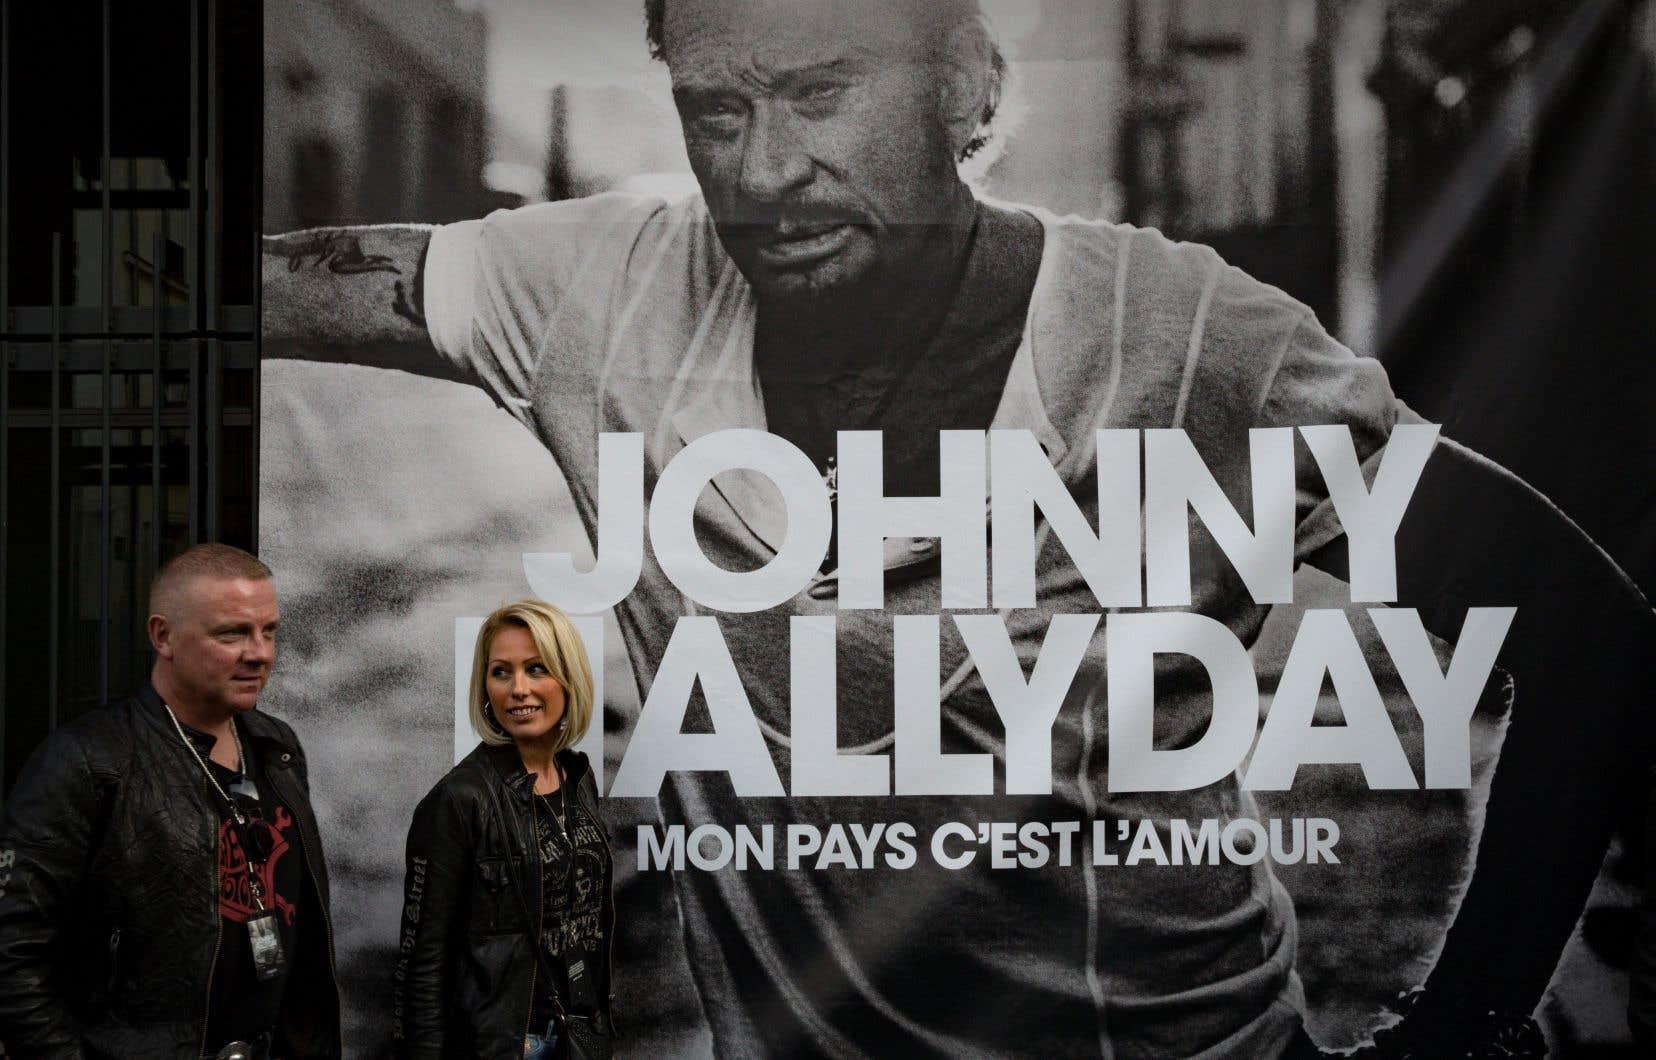 Mon pays c'est l'amour, l'album posthume de Johnny Hallyday, s'est vendu à 631 473 exemplaires physiques (CD et vinyles) en France depuis sa sortie vendredi.